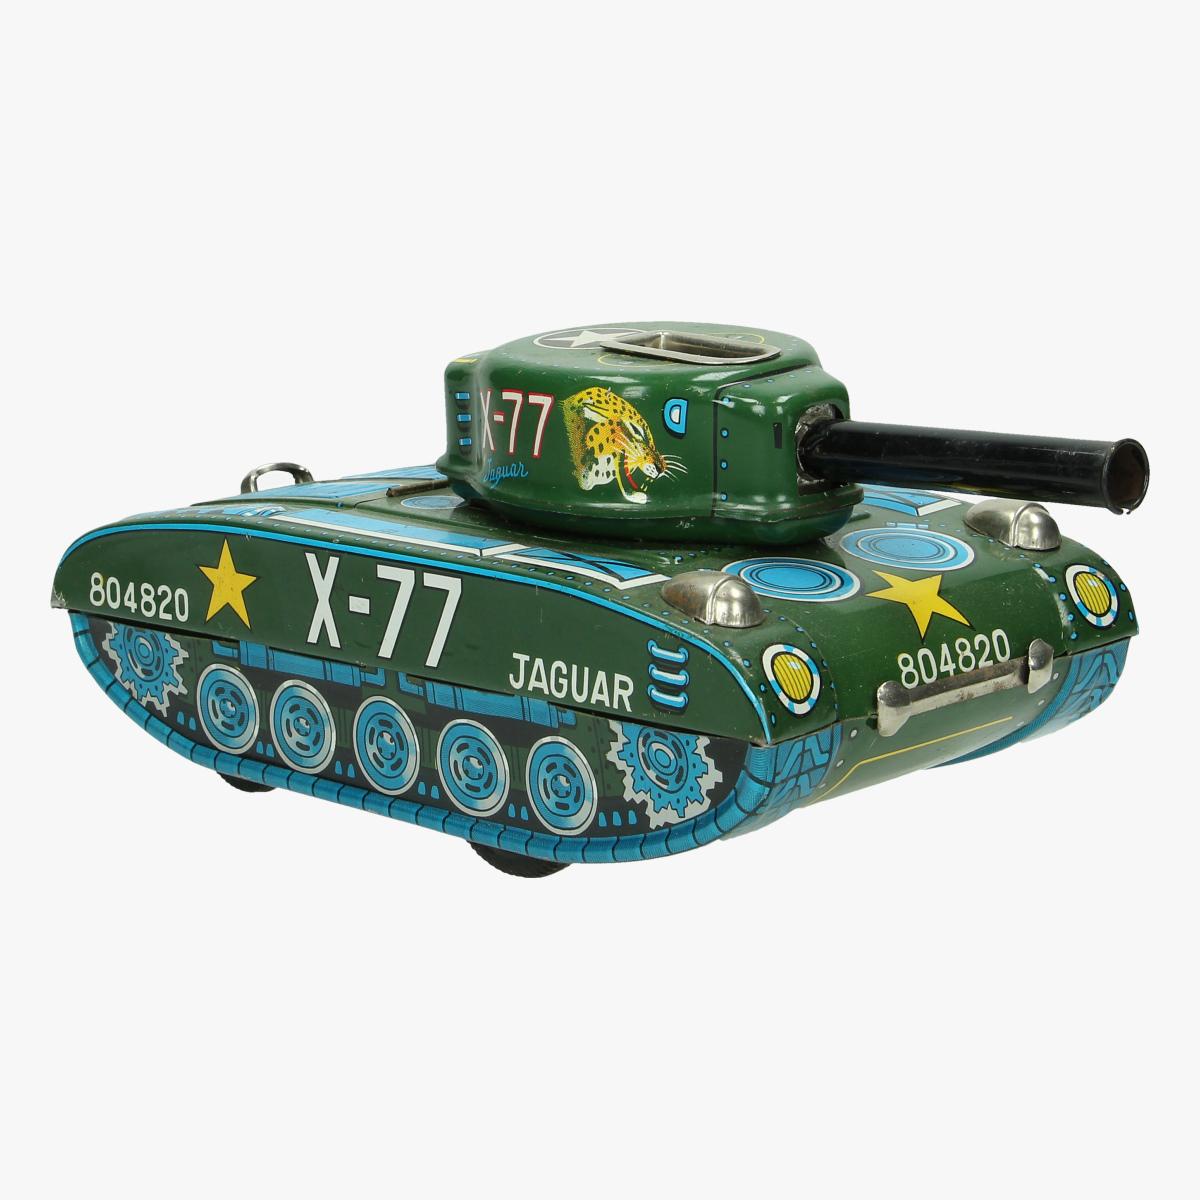 Afbeeldingen van blikken tank jaguar x-77 made in japan battery operated